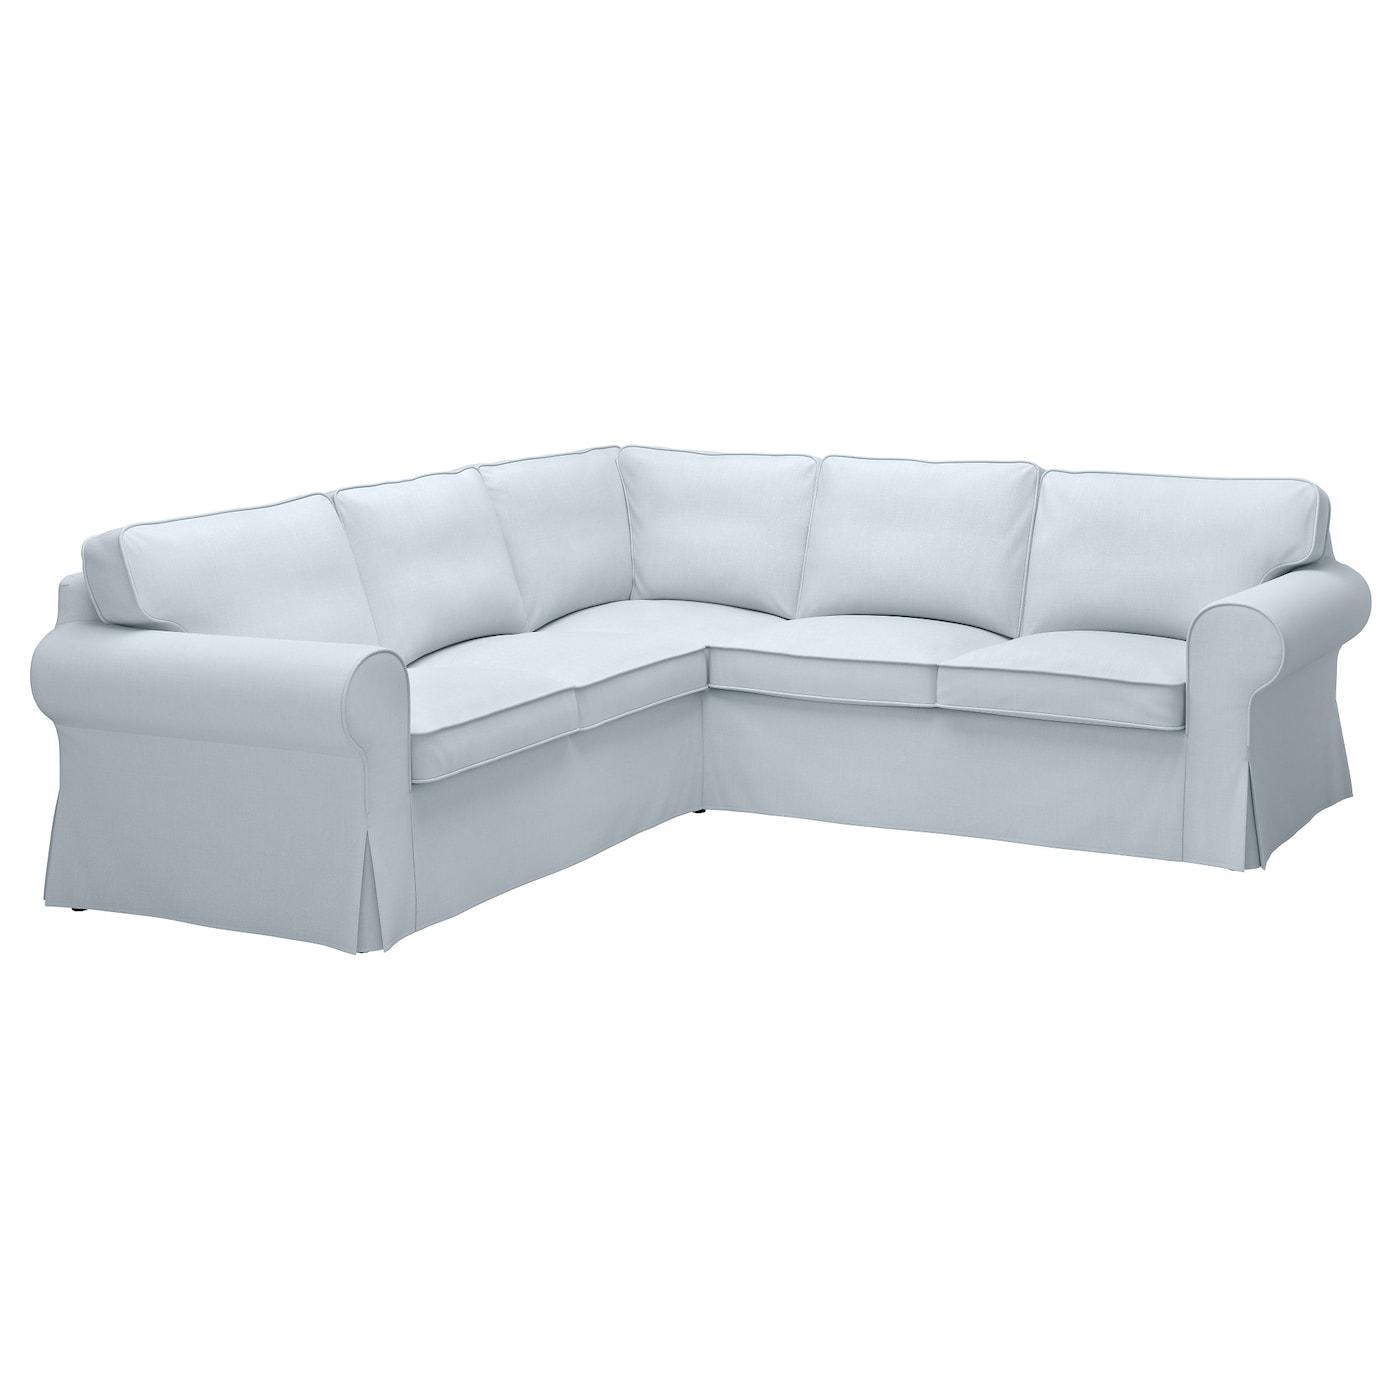 AuBergewohnlich Ikea.de. EKTORP